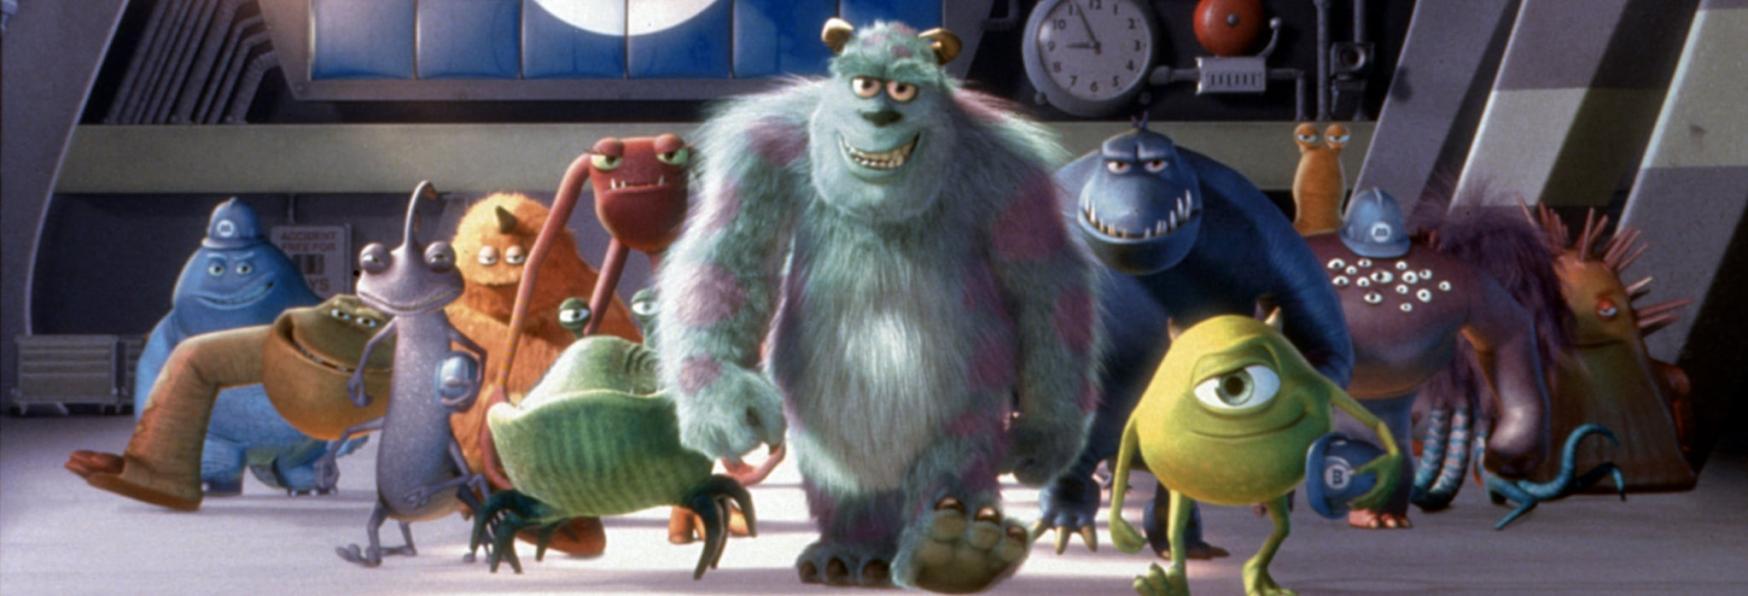 Monsters at Work: tutti gli Aggiornamenti sulla nuova Serie TV targata Disney